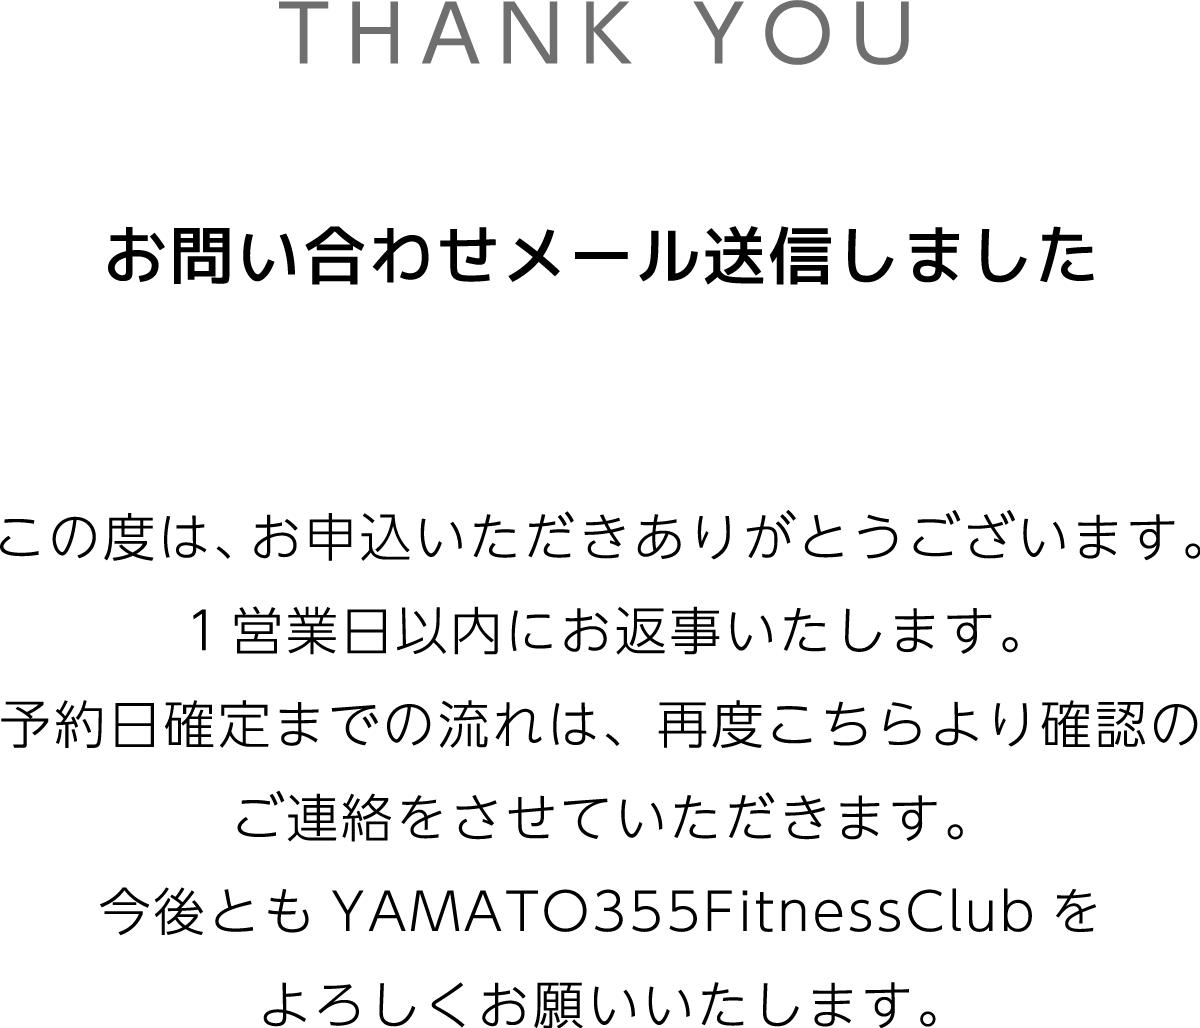 YAMATO355